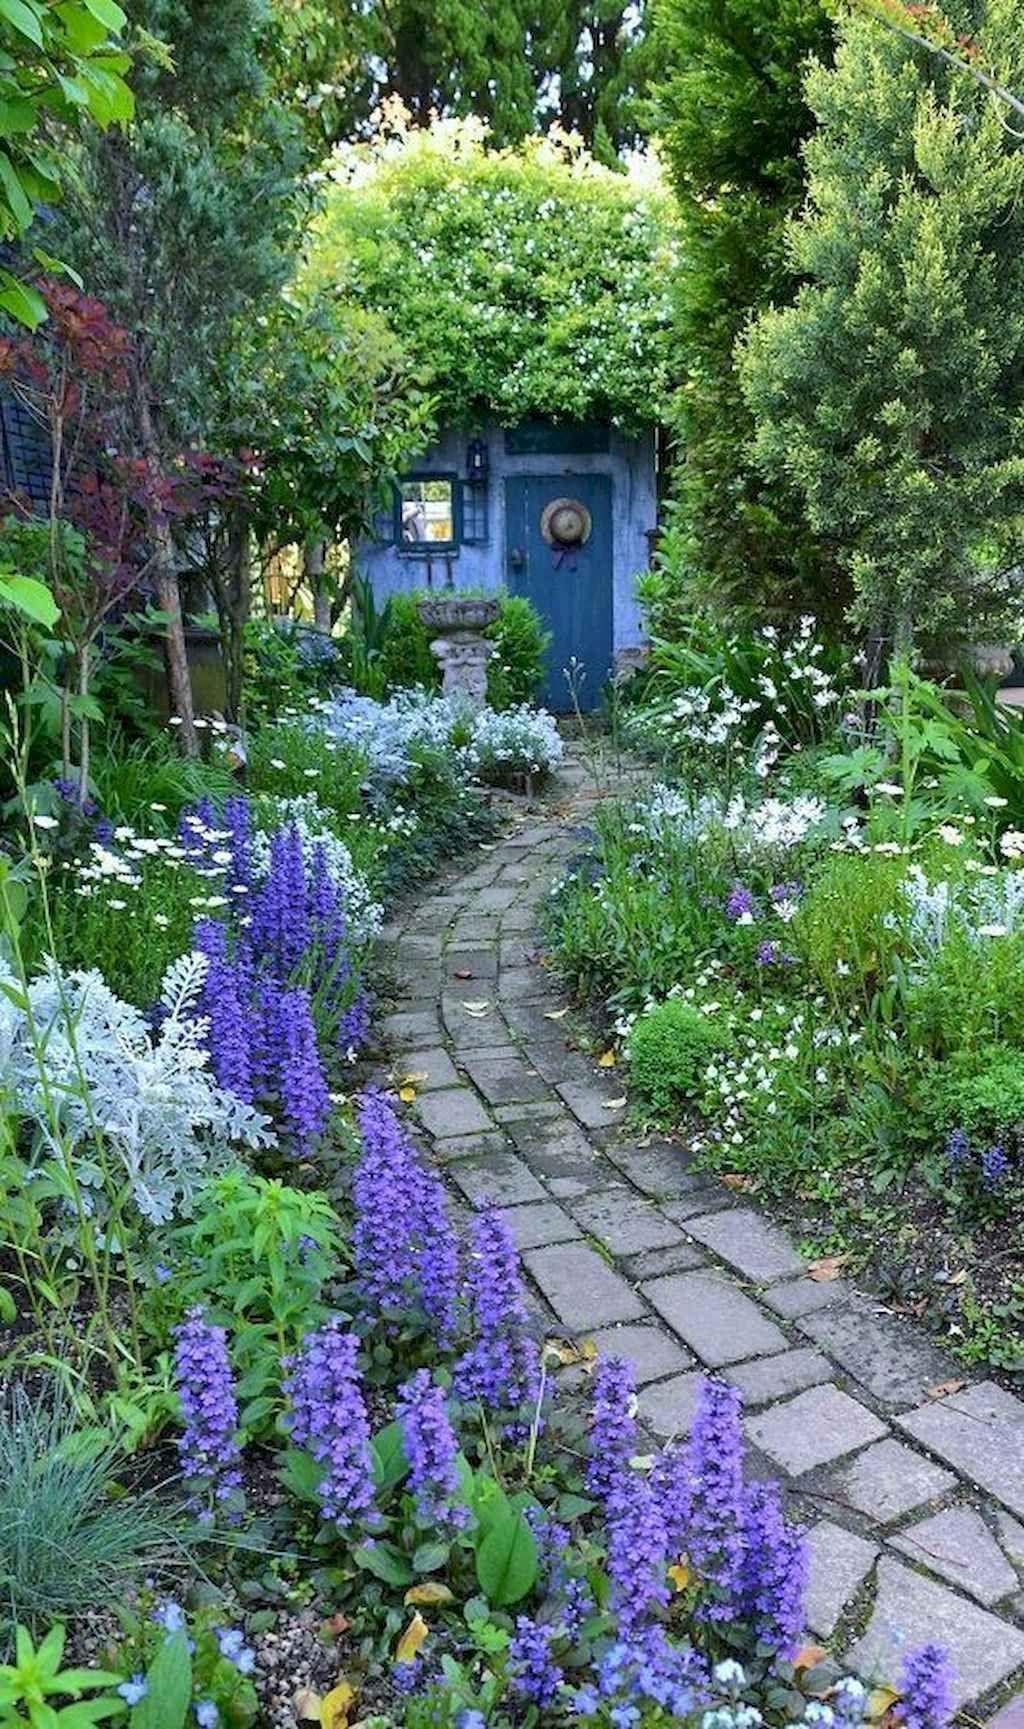 80 Stunning Cottage Garden Ideas For Front Yard Inspiration Cottage Garden Design Cottage Garden Beautiful Gardens